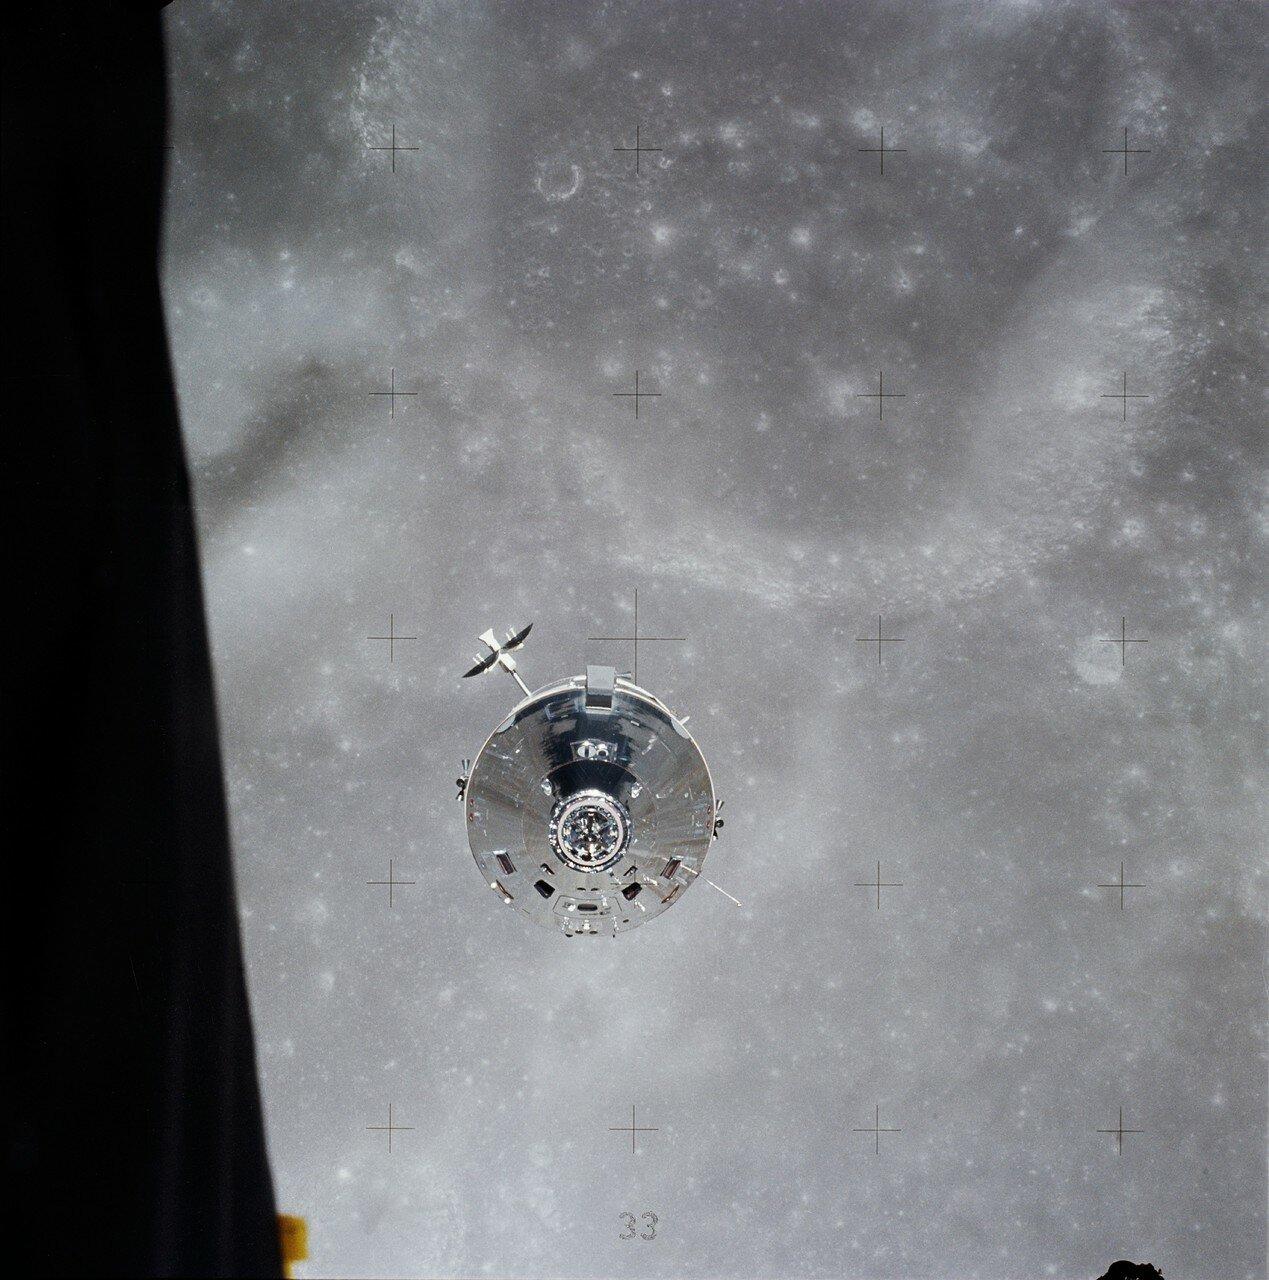 Янг и Дьюк осмотрели и сфотографировали «Каспер» и отсек научной аппаратуры служебного модуля.  На снимке: «Каспер» приближается к лунному модулю, из которого был сделан этот снимок